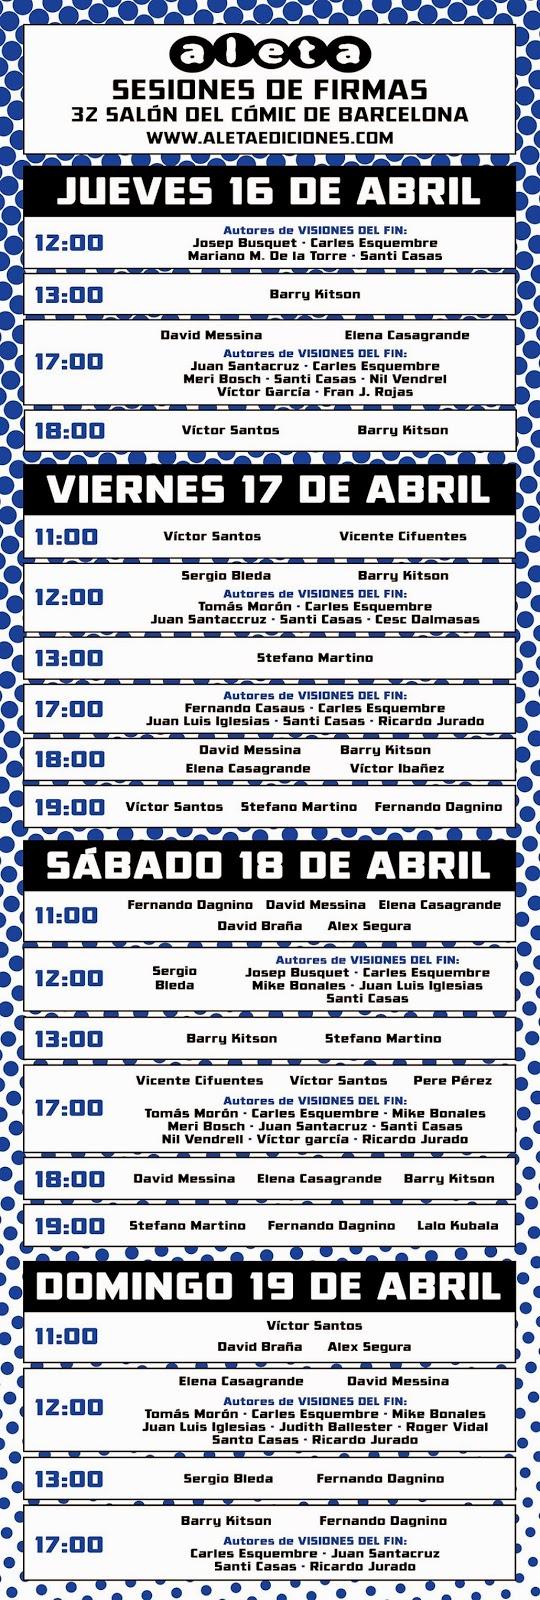 ALETA firmas 33 Salón del Cómic             de Barcelona (2015)